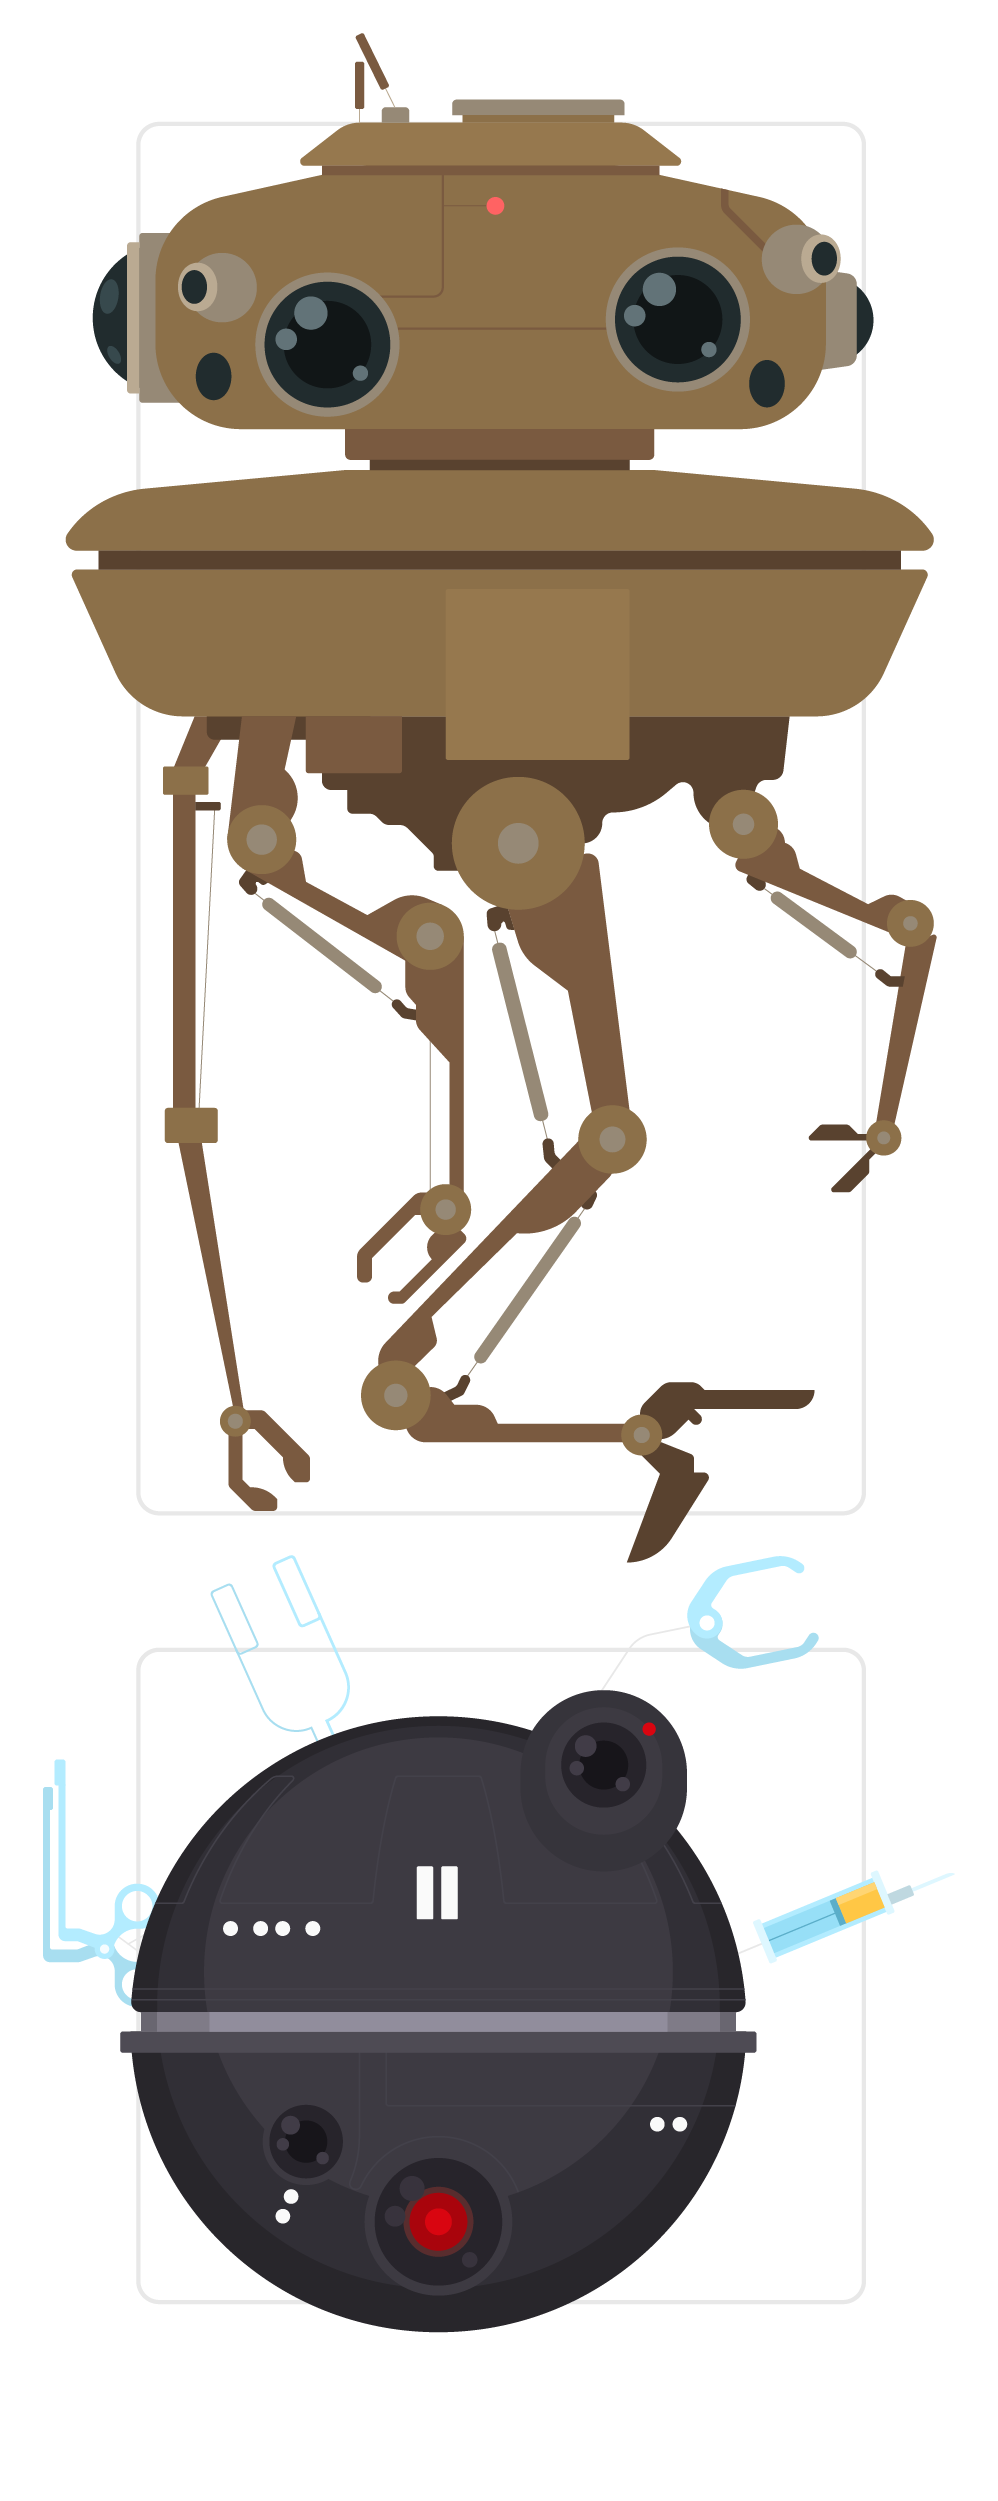 droids-19.png